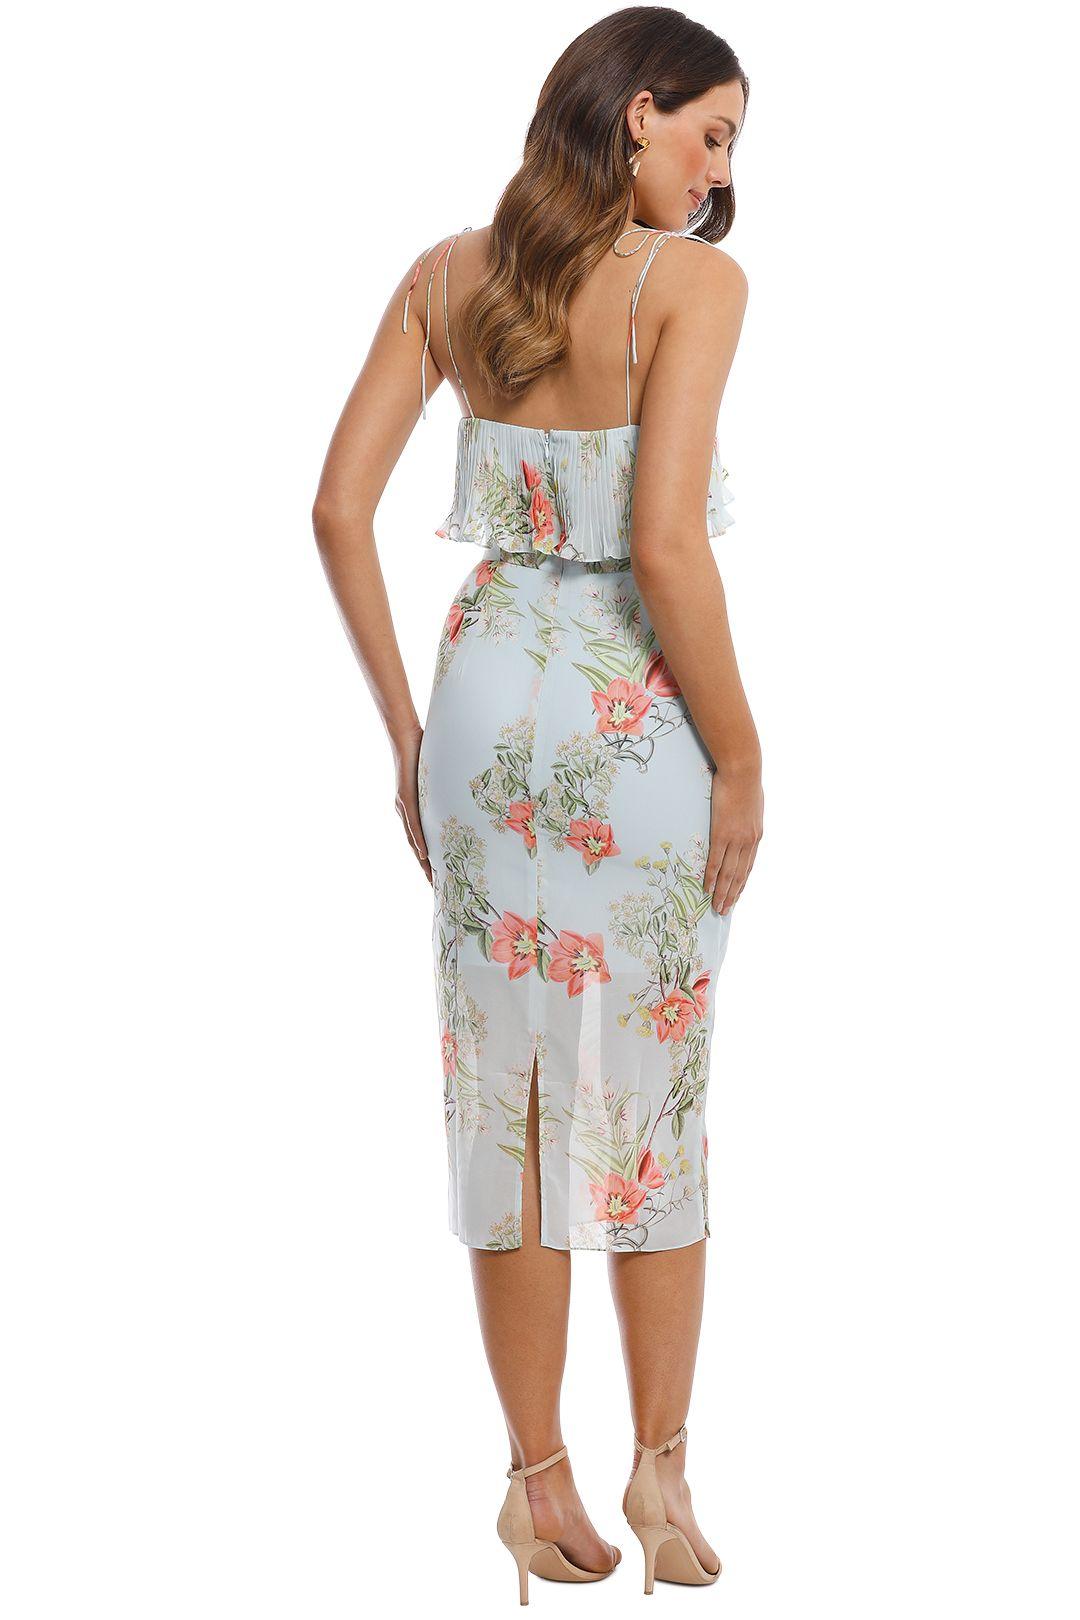 Cooper St - Blooming Knee Length Dress - Print Light - Back